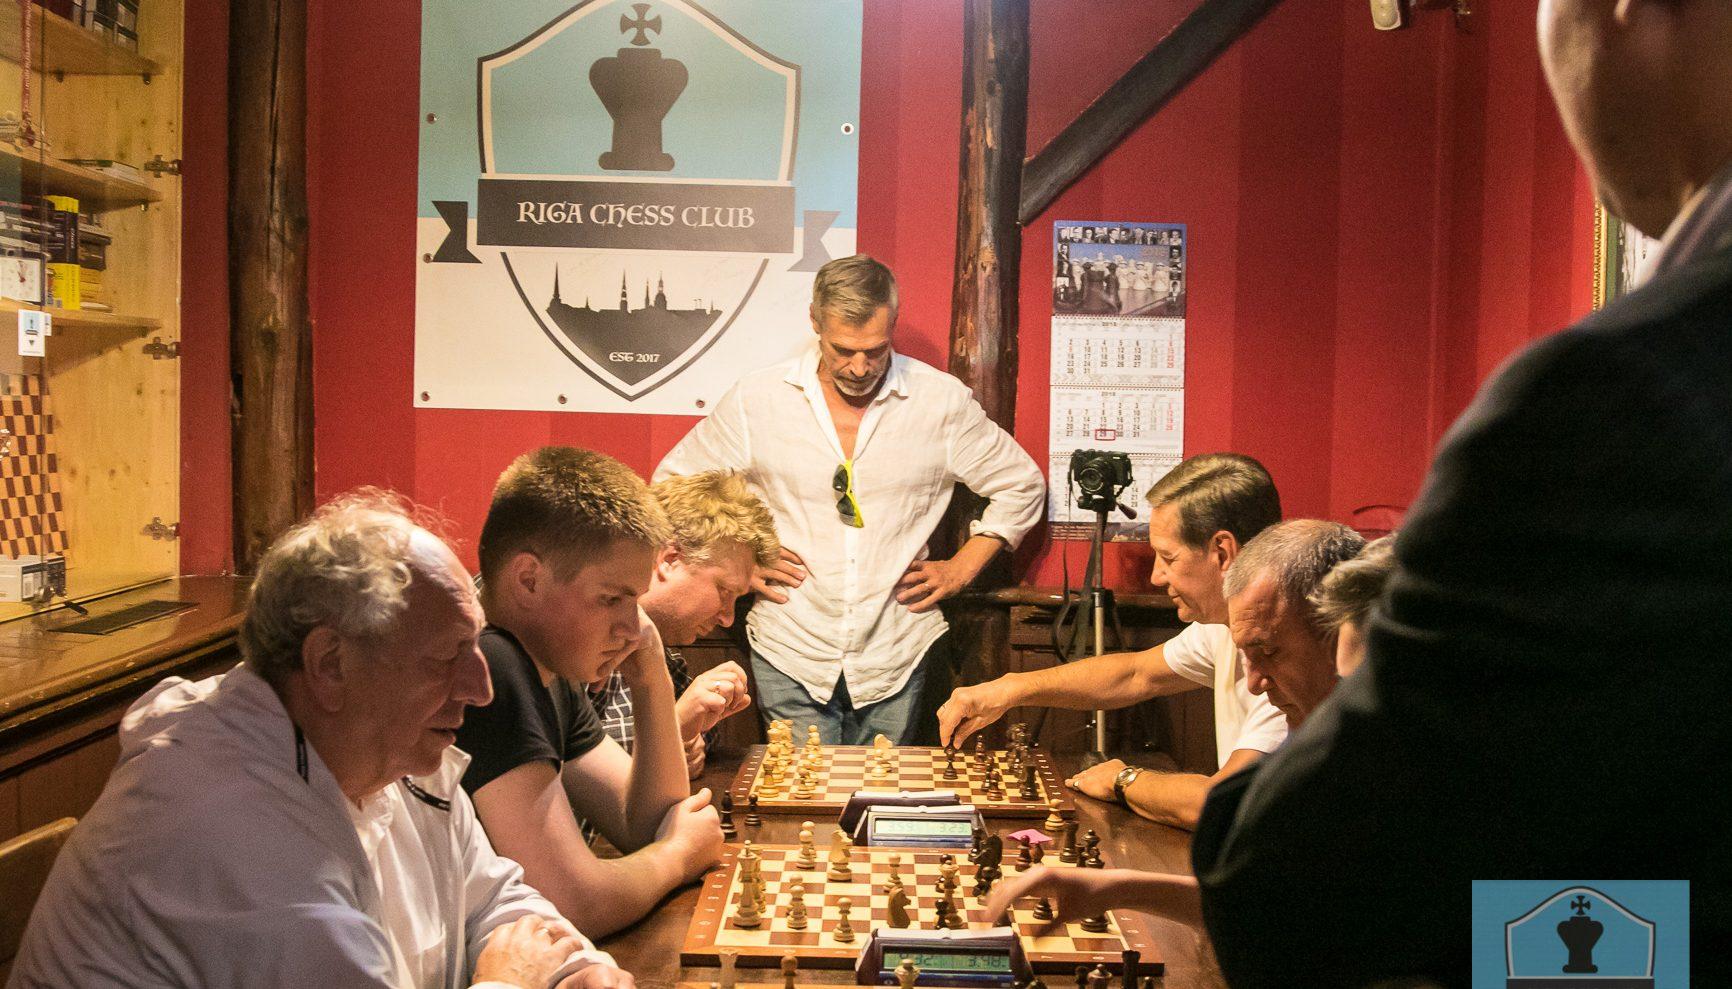 Riga Chess Club